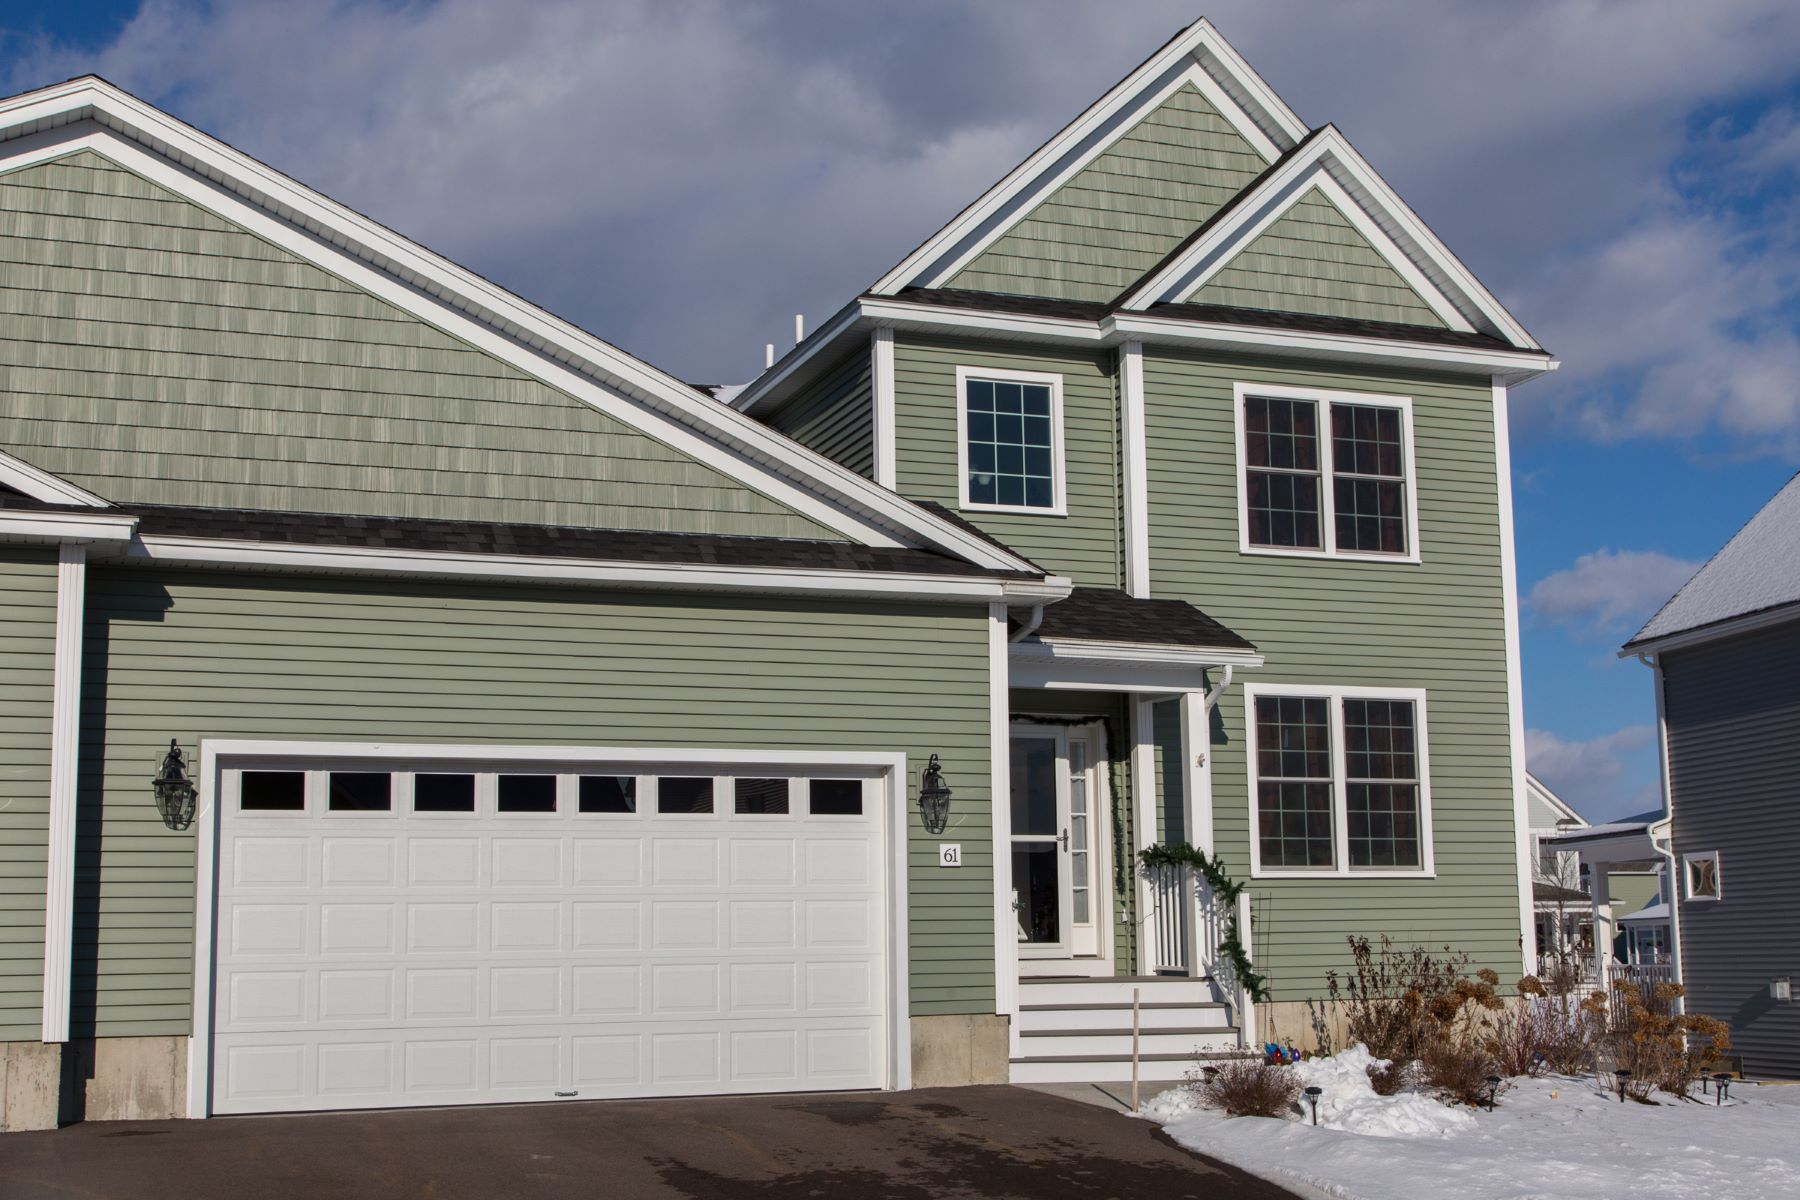 Condominium for Sale at 61 Flanders, South Burlington South Burlington, Vermont 05403 United States